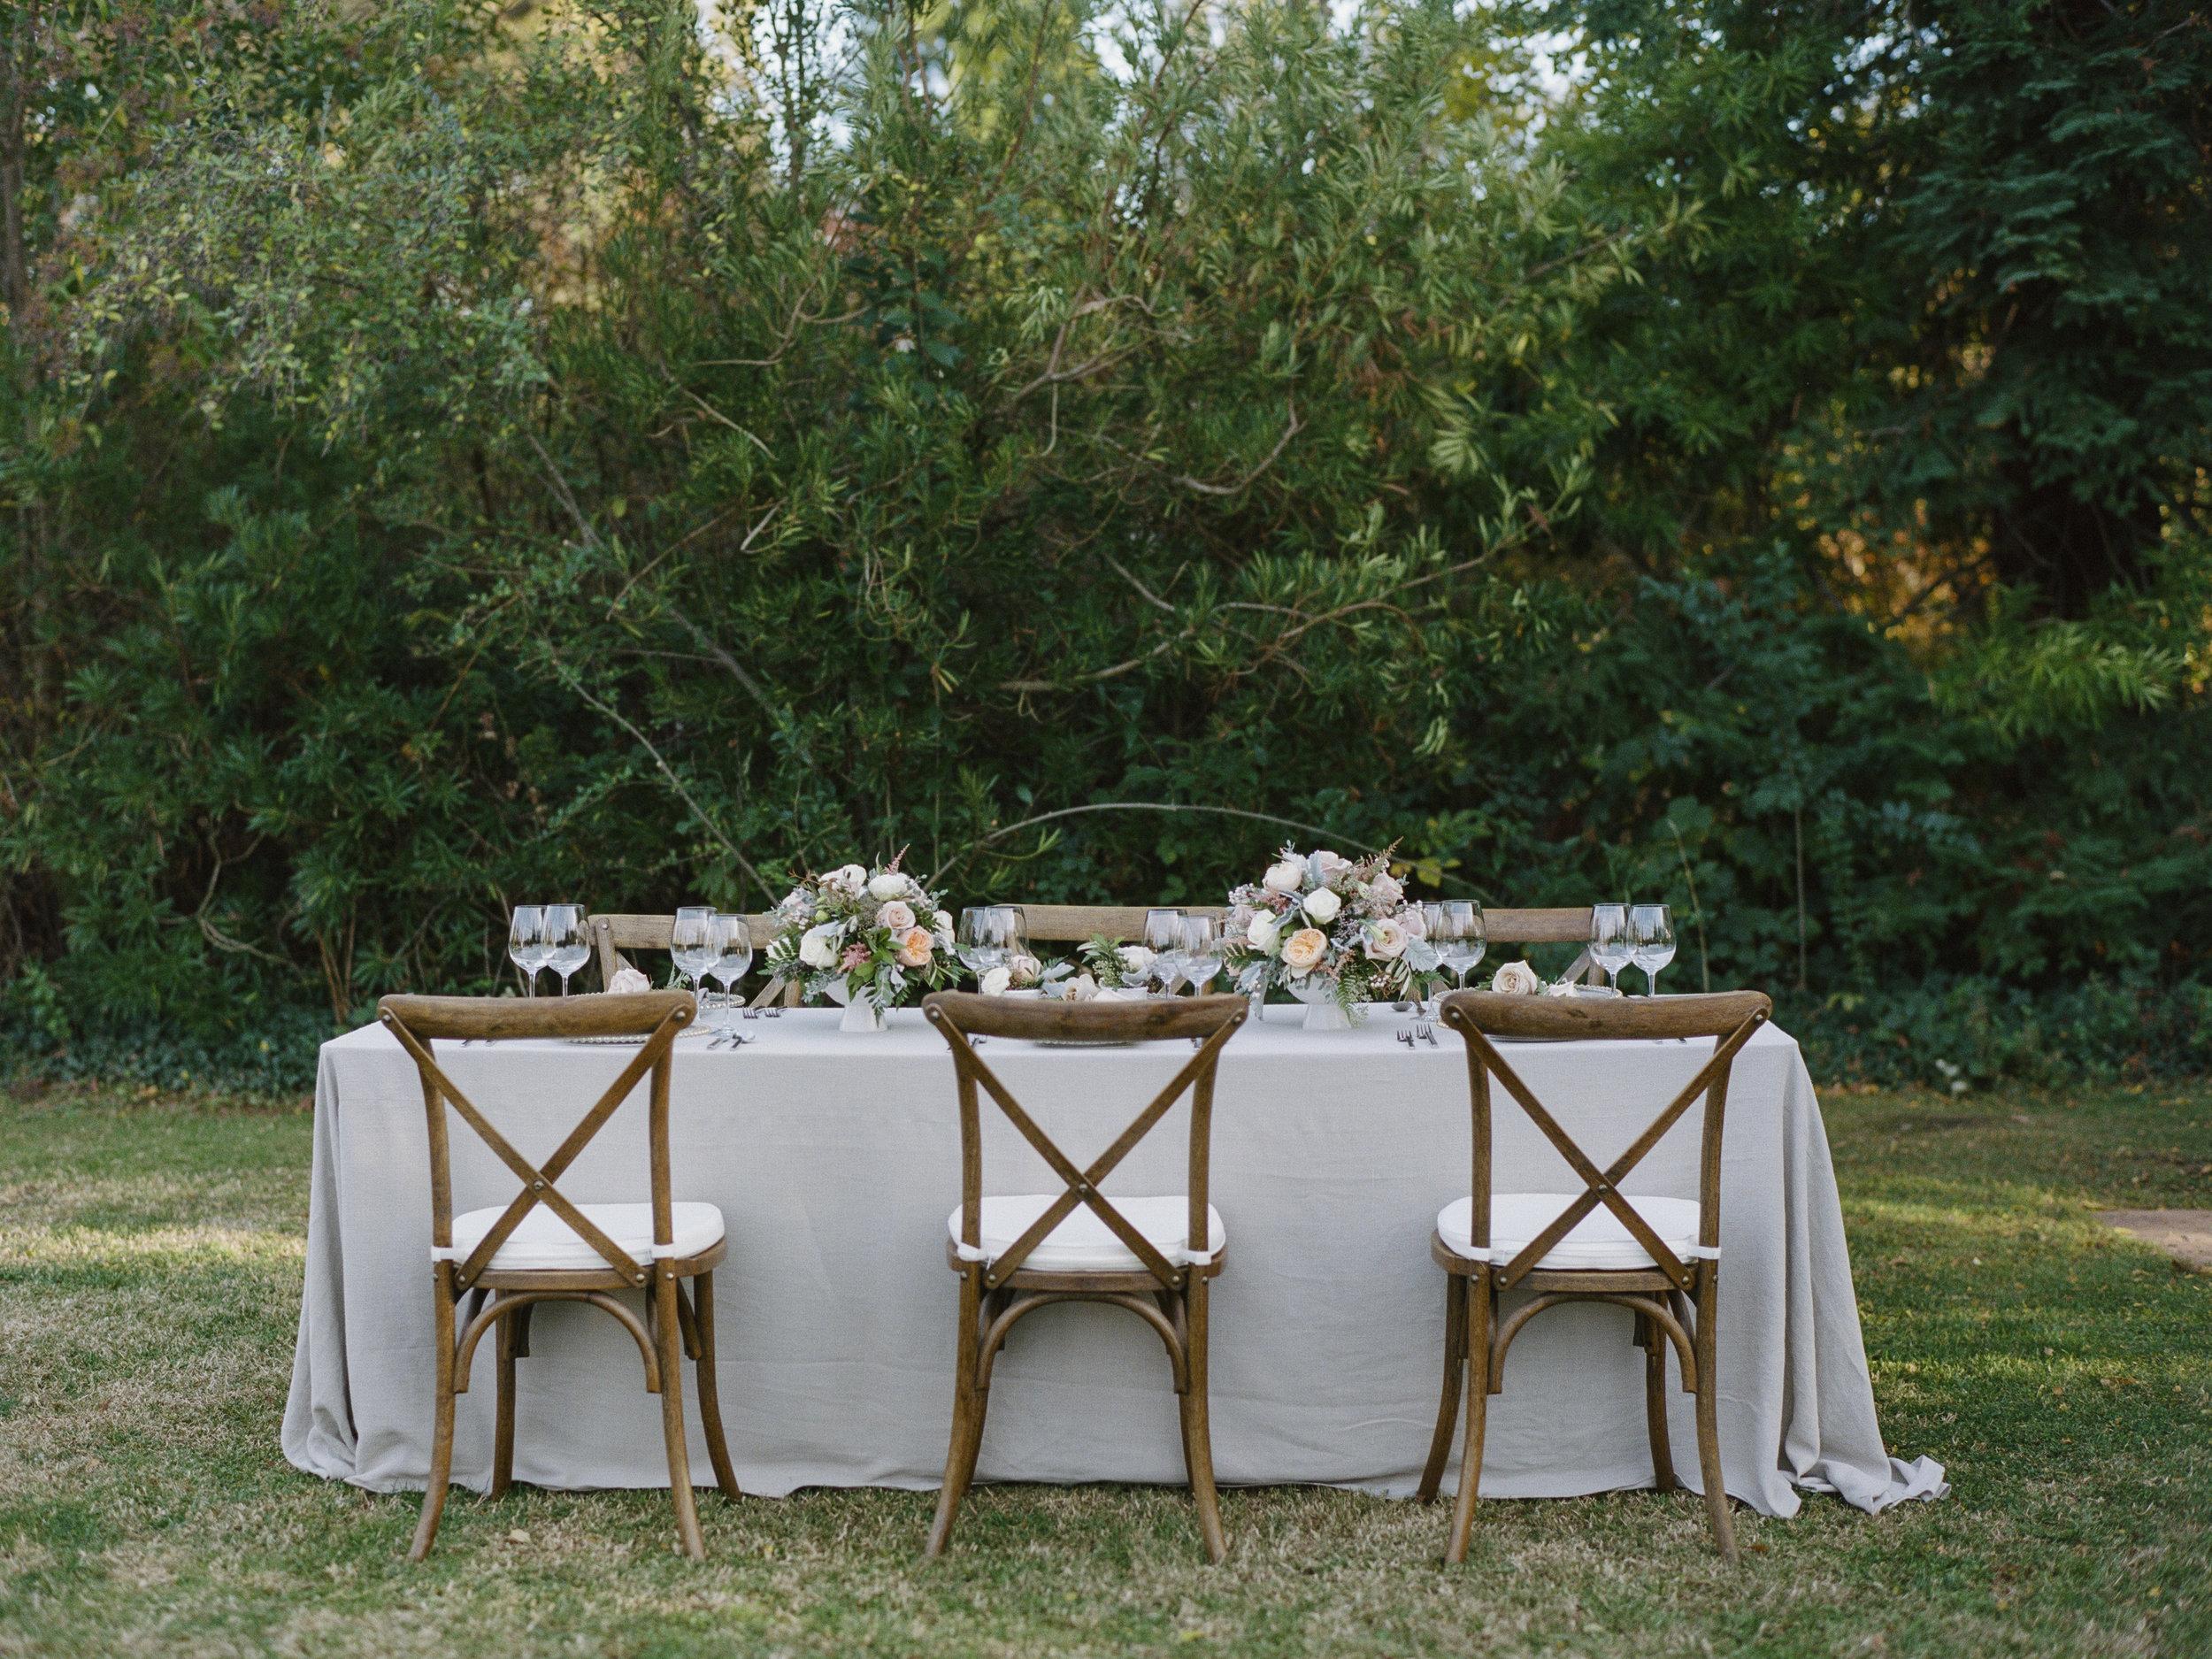 Violette-fleurs-roseville-sacramento-california-Flower-farm-inn-wedding-florist-spring-tablescape-blush-peach-gray.jpg